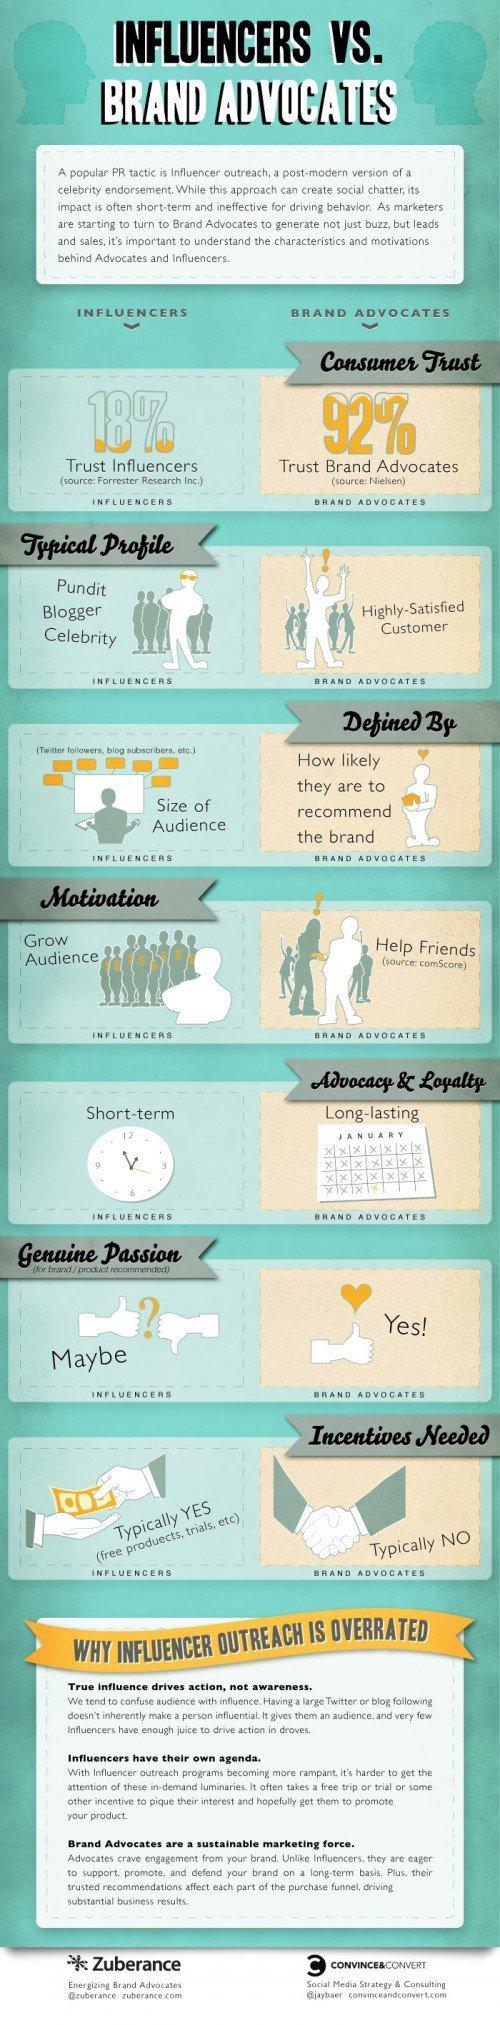 Influencers vs Advocates